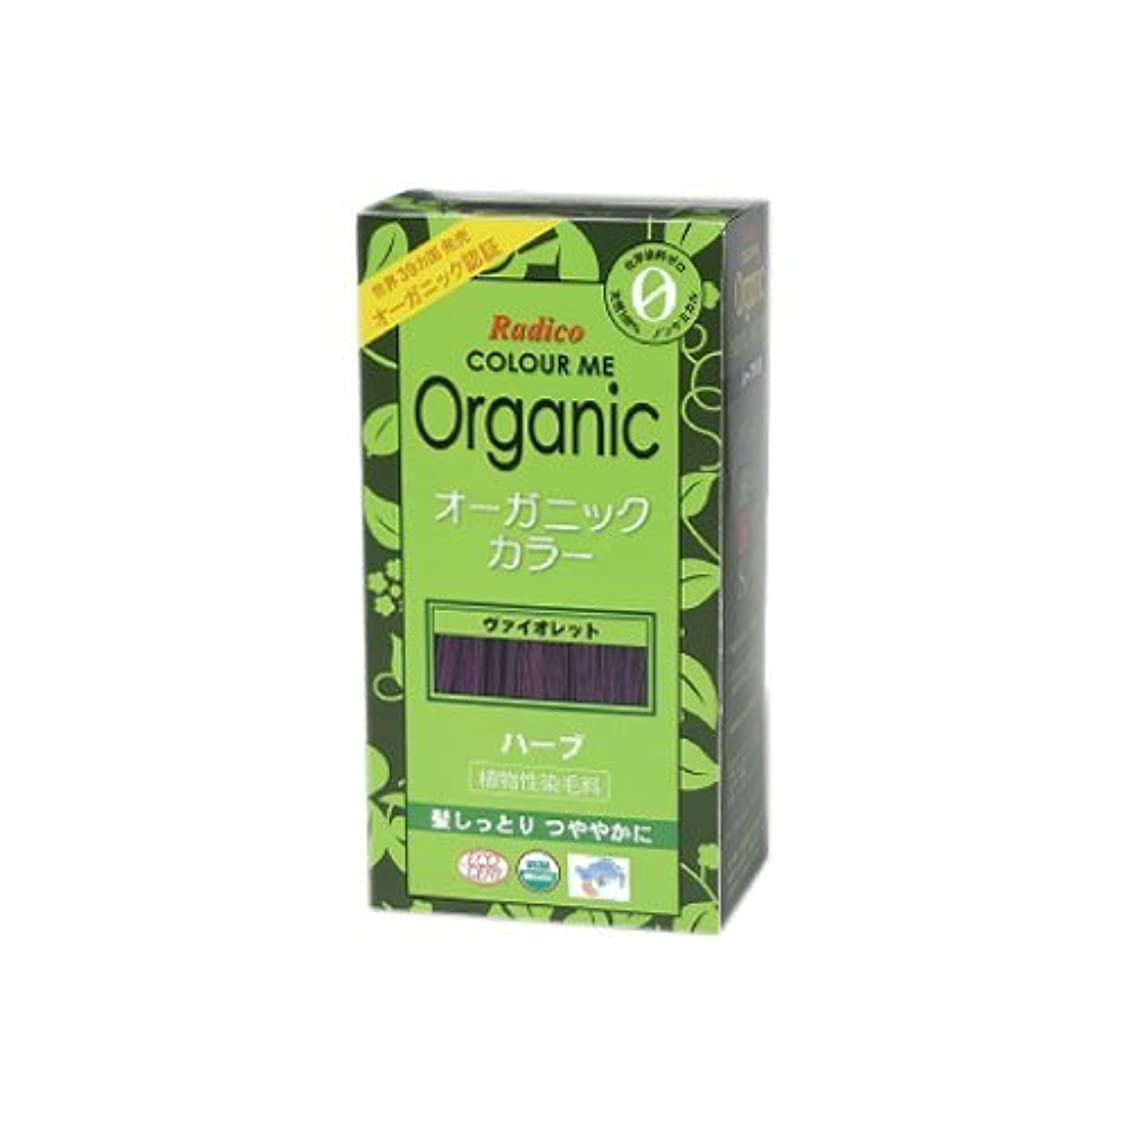 受賞リスキーなマリンCOLOURME Organic (カラーミーオーガニック ヘナ 白髪用 紫色) ヴァイオレット 100g